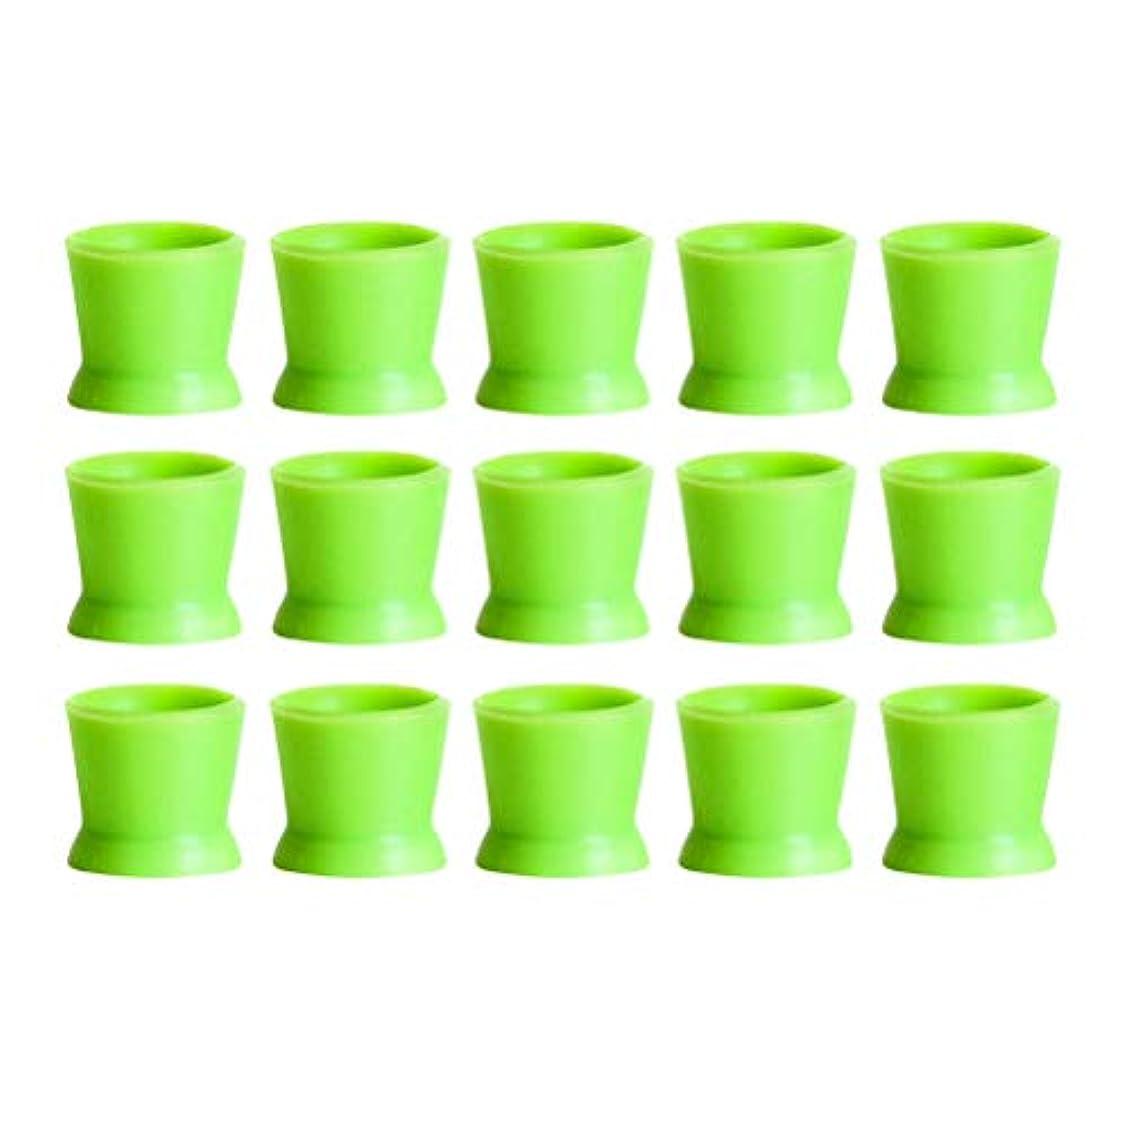 露出度の高いコンパイル血まみれのHealifty 300PCSシリコンタトゥーインクカップ使い捨てマイクロブレーディングピグメントキャップホルダーコンテナ永久的なまつげメイクアップアイブロー(グリーン)